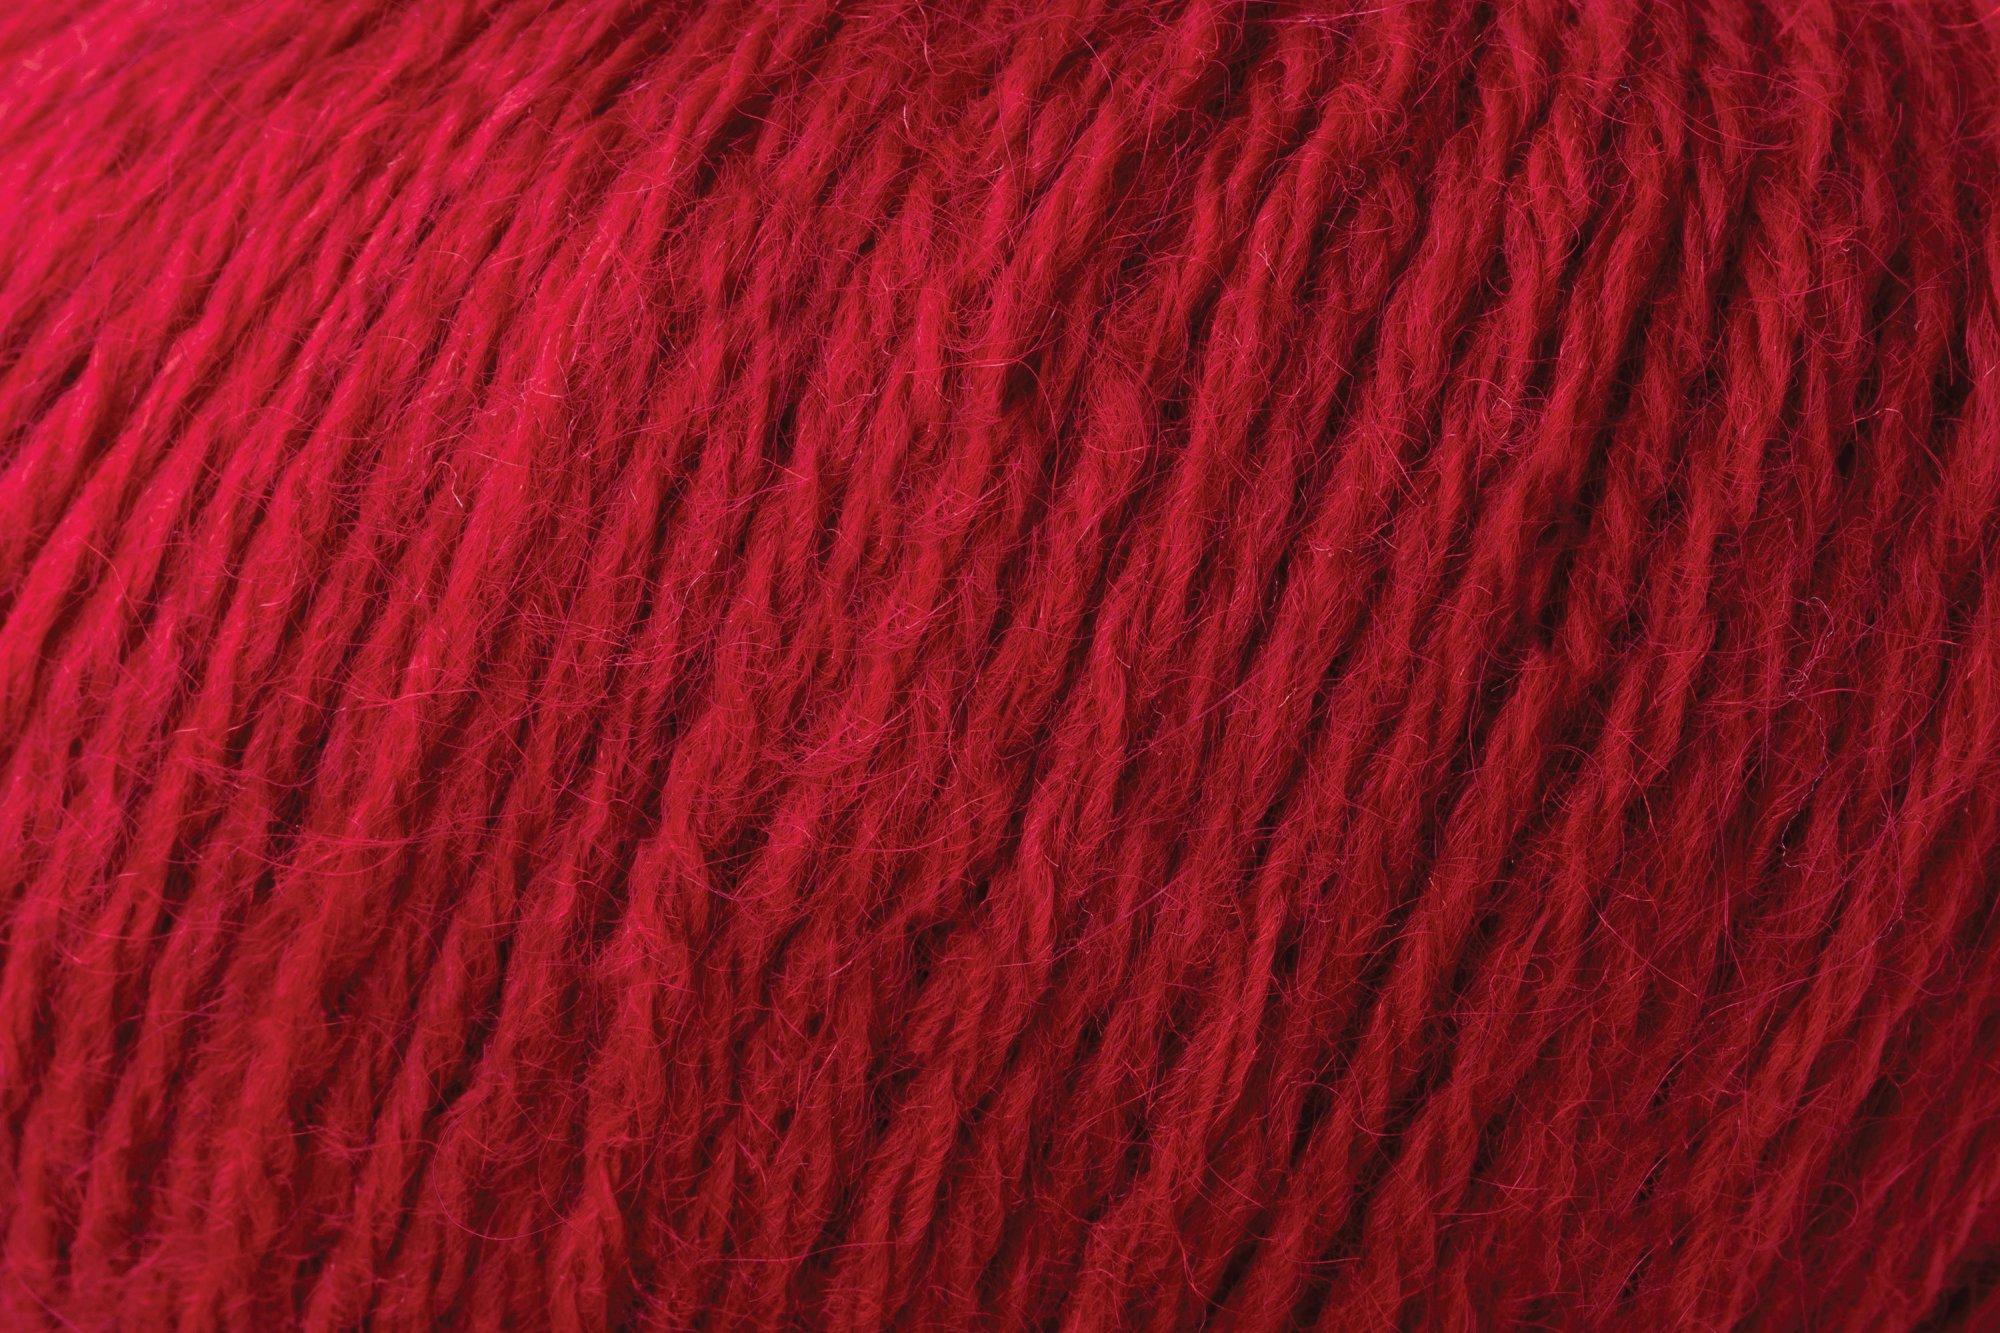 Kid Classic 00847 - Cherry Red